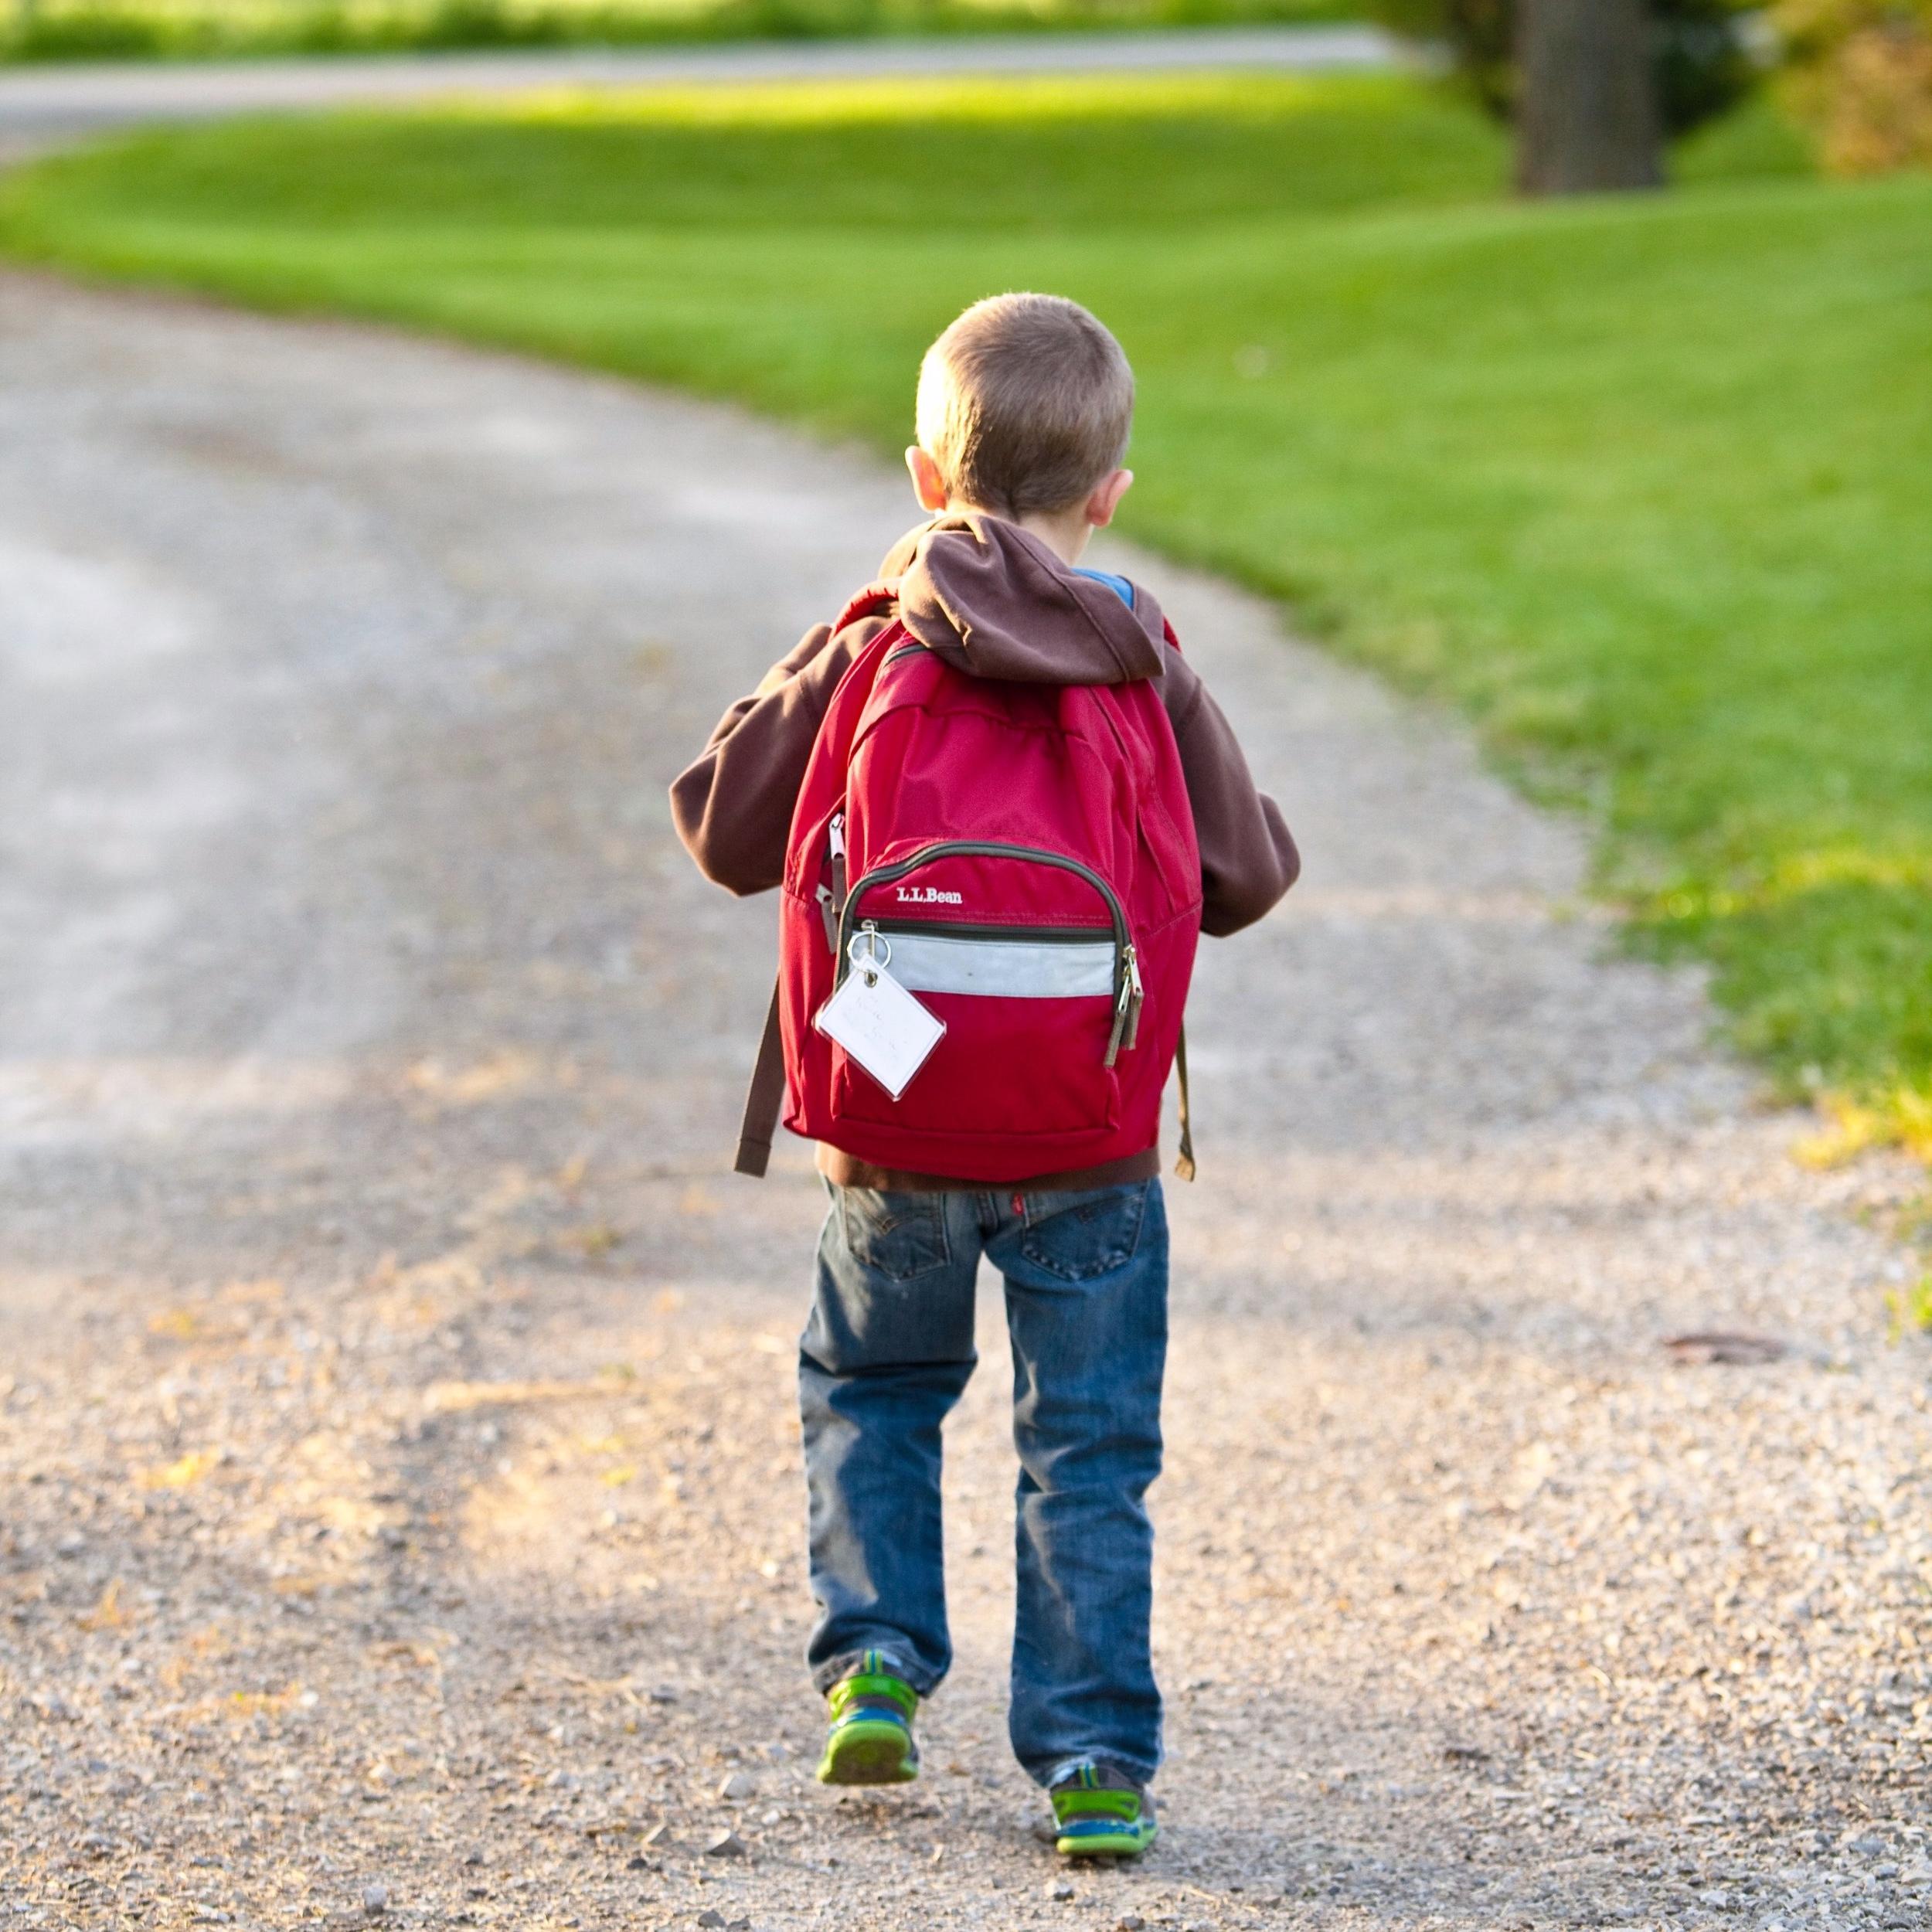 Dreng går på vej.jpg